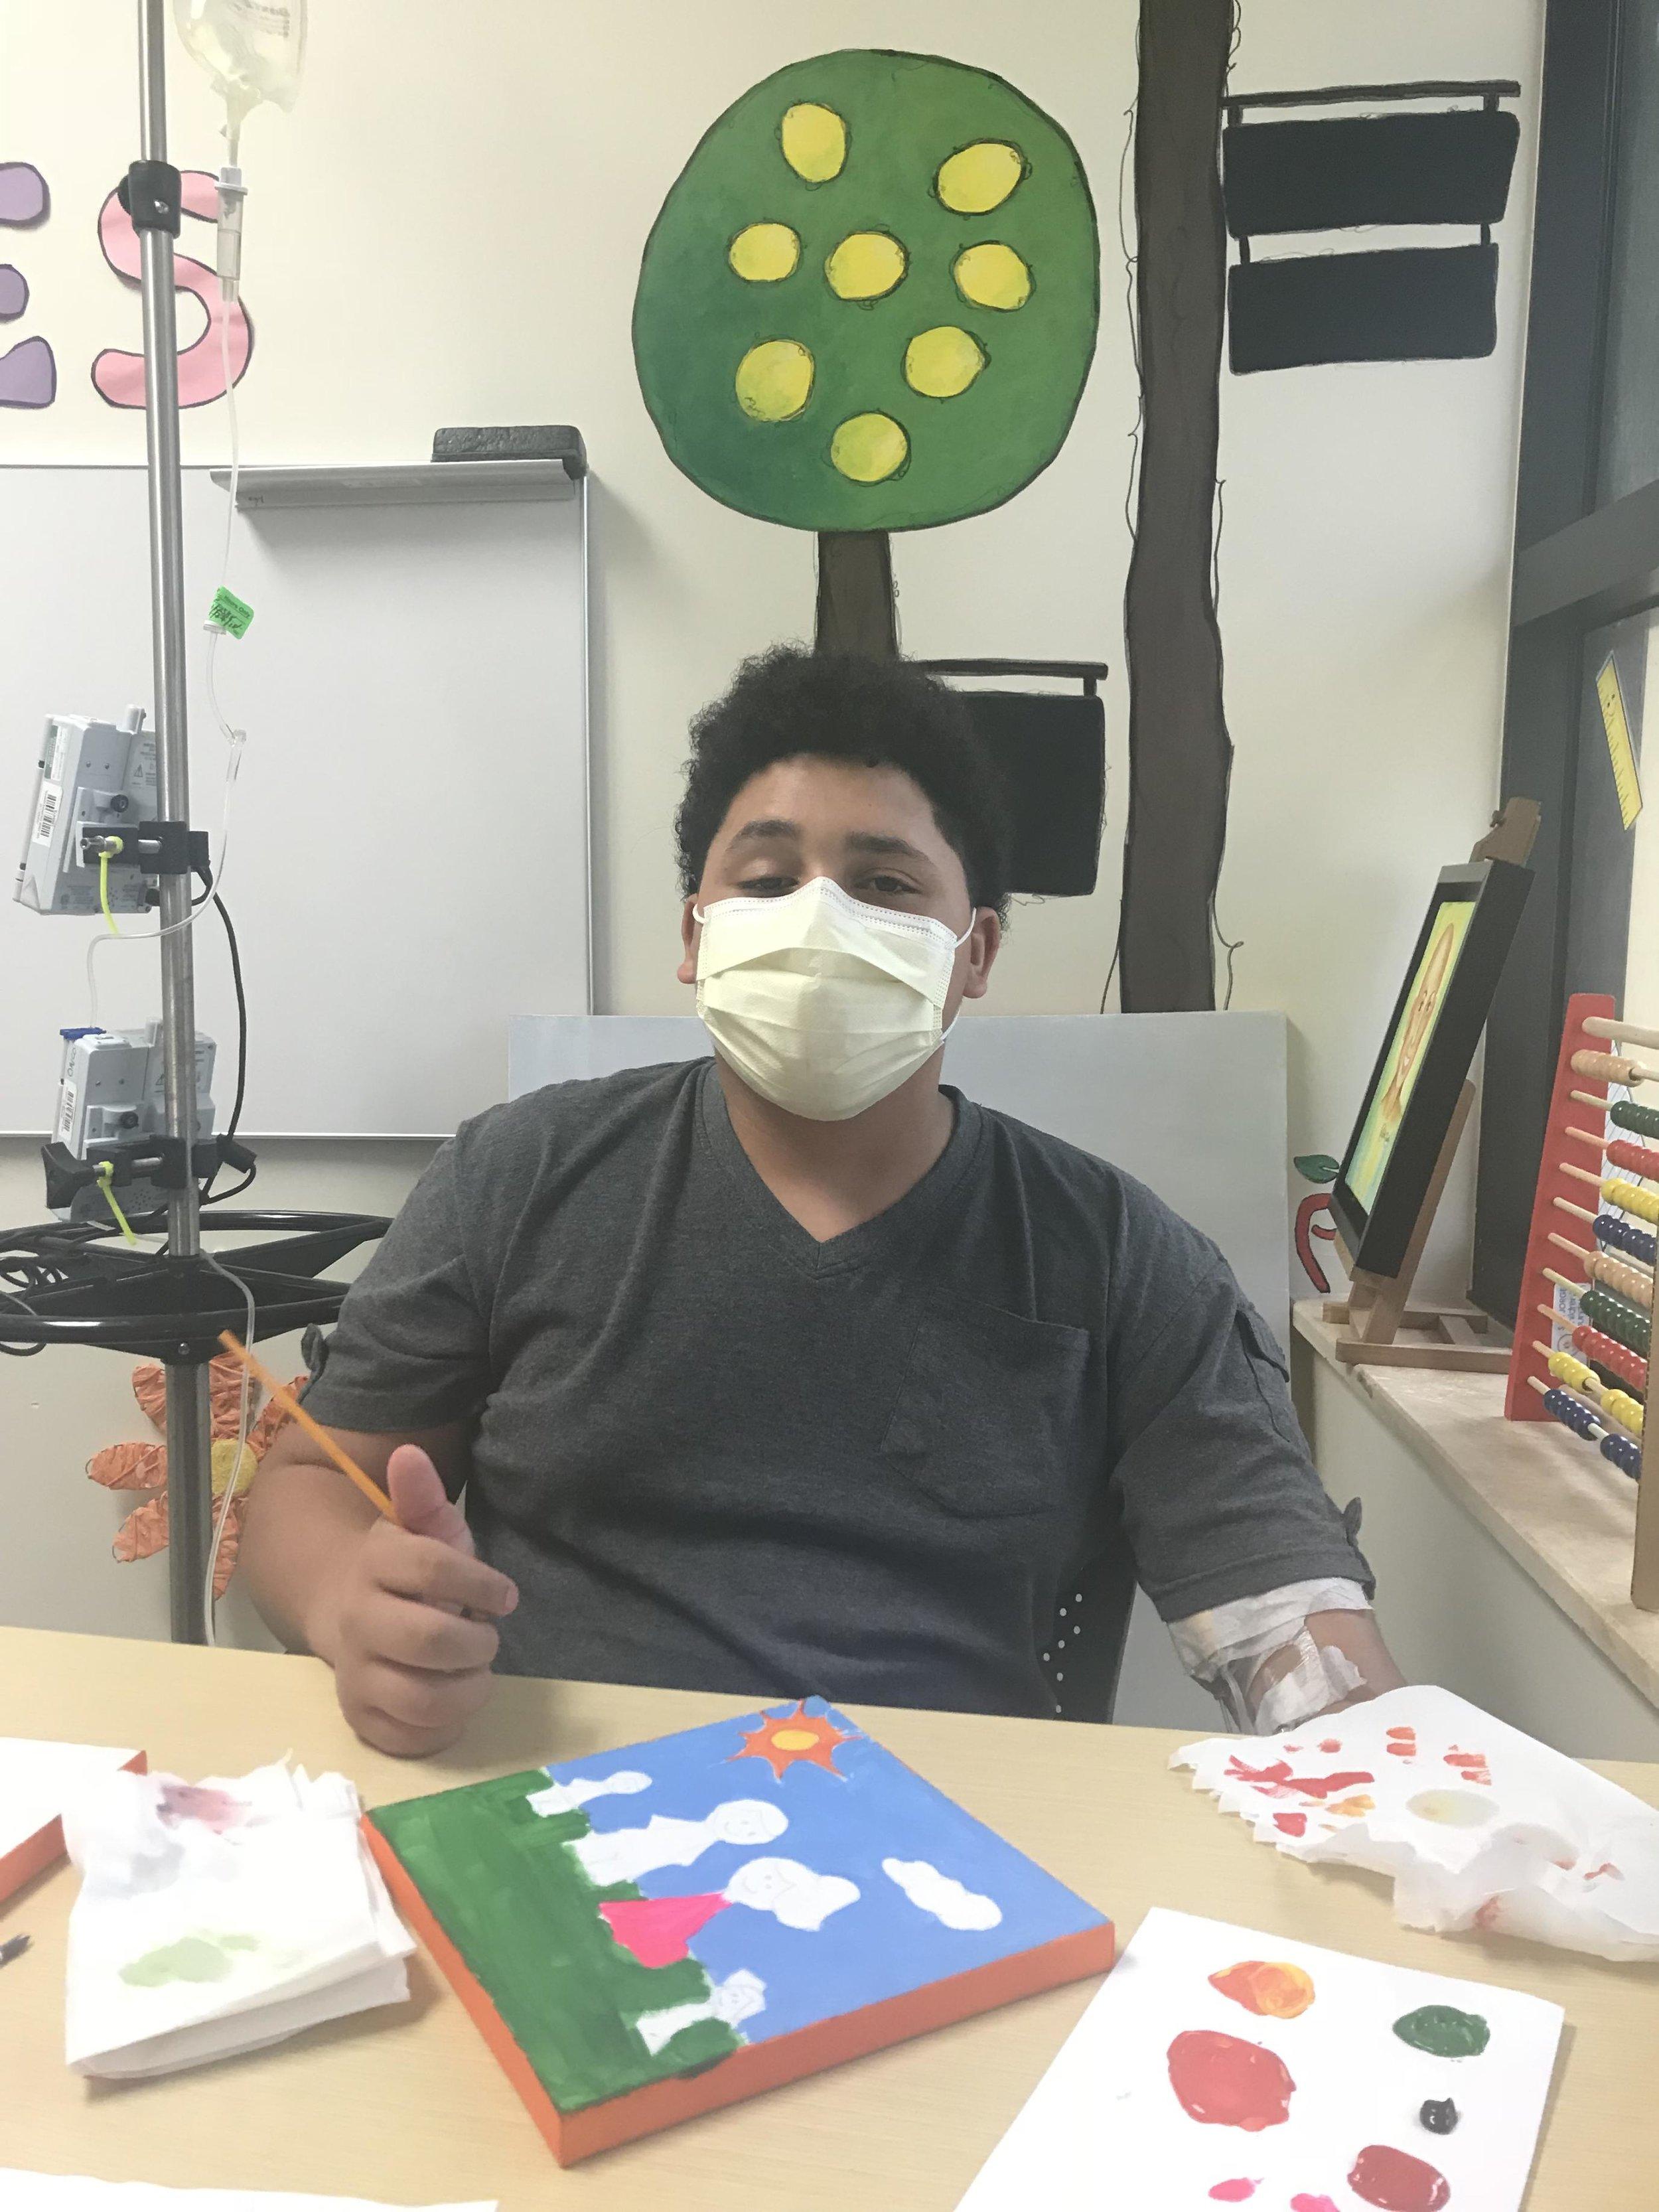 SanJorge_patient-1.jpg